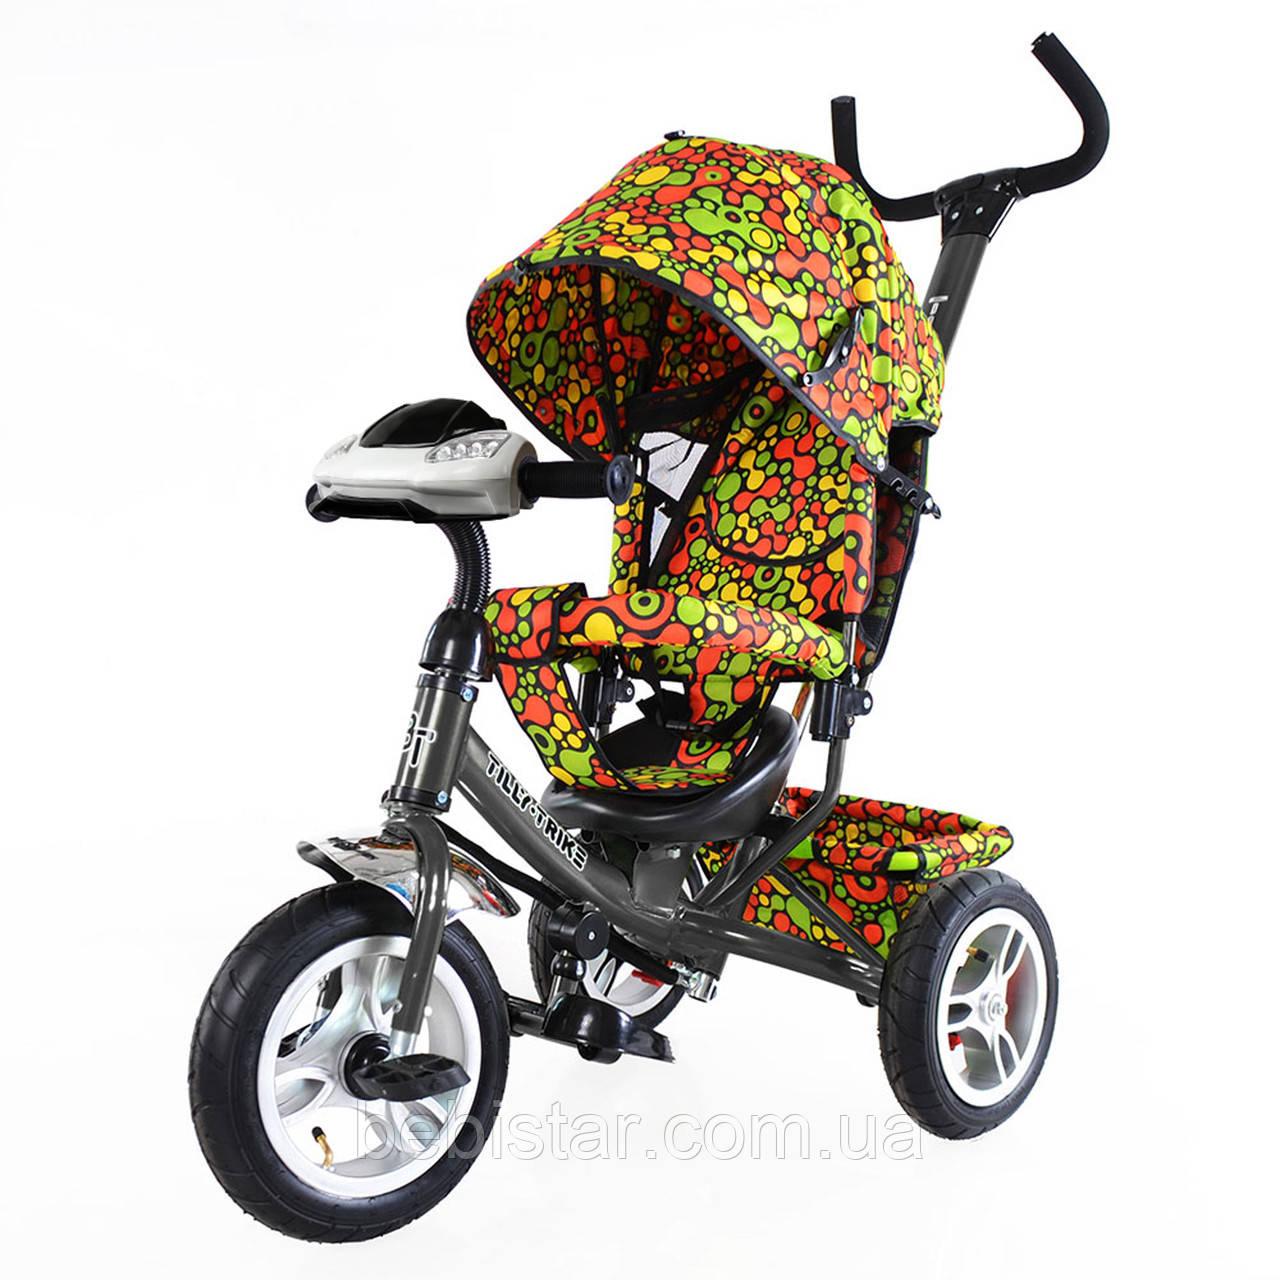 Детский трехколесный велосипед с музыкой и светом TILLY Trike T-351-4 надувные колеса графитовый